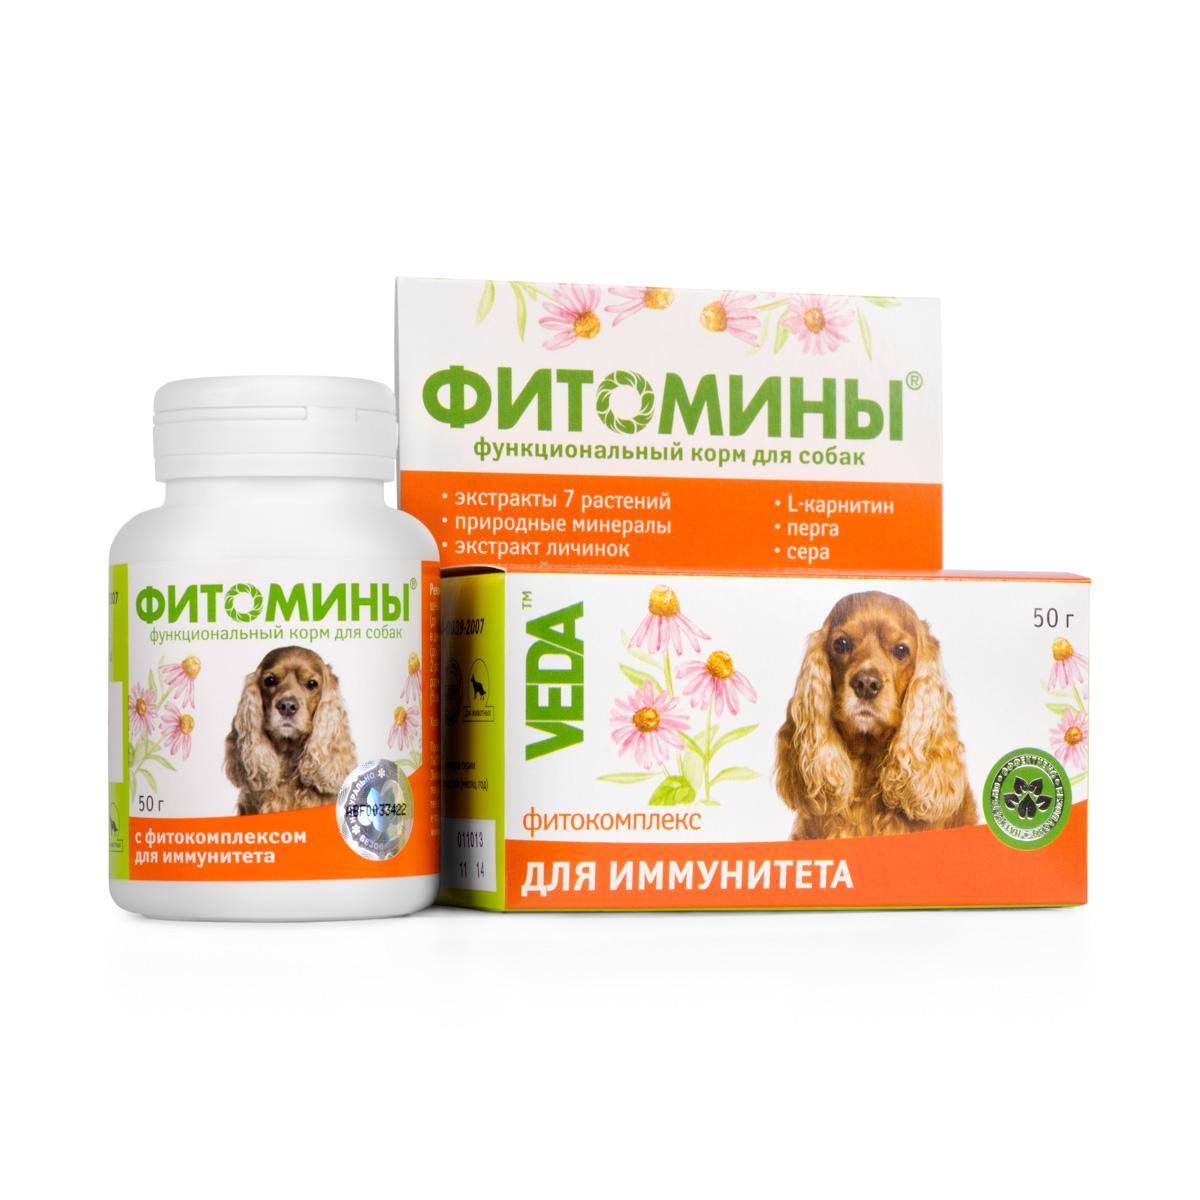 Корм для собак VEDA Фитомины, функциональный, с фитокомплексом, для иммунитета, 50 г4605543005947Функциональный корм для собак VEDA Фитомины с фитокомплексом повышает сопротивляемость организма, мобилизуя иммунную систему, ускоряет восстановительные процессы.Рекомендуется включать в рацион при некорректной работе иммунитета:- ослабленным и истощенным животным,- для адаптации к стрессовым ситуациям,- при неблагоприятном воздействии окружающей среды.Состав: лактоза; крахмал; дрожжи пивные; фитокомплекс: корней и корневищ солодки, травы эхинацеи пурпурной, плодов шиповника, корней и корневищ девясила, травы череды, листьев крапивы двудомной, листьев подорожника большого; природный минеральный комплекс; паровая мясная мука; экстракт личинок восковой моли, перги; стеарат кальция; L-карнитин; сера.В 100 г продукта содержится (не менее): углеводы - 92 г; жиры - 0,1 г; белки – 2,0 г; кальций - 600 мг; фосфор - 360 мг; железо - 15,0 мг; цинк - 4 мг; марганец - 0,1 мг; медь - 0,3 мг; L-карнитин - 0,5 г; сера - 0,1 г.Энергетическая ценность в 100 г: 380 ккал.Товар сертифицирован.